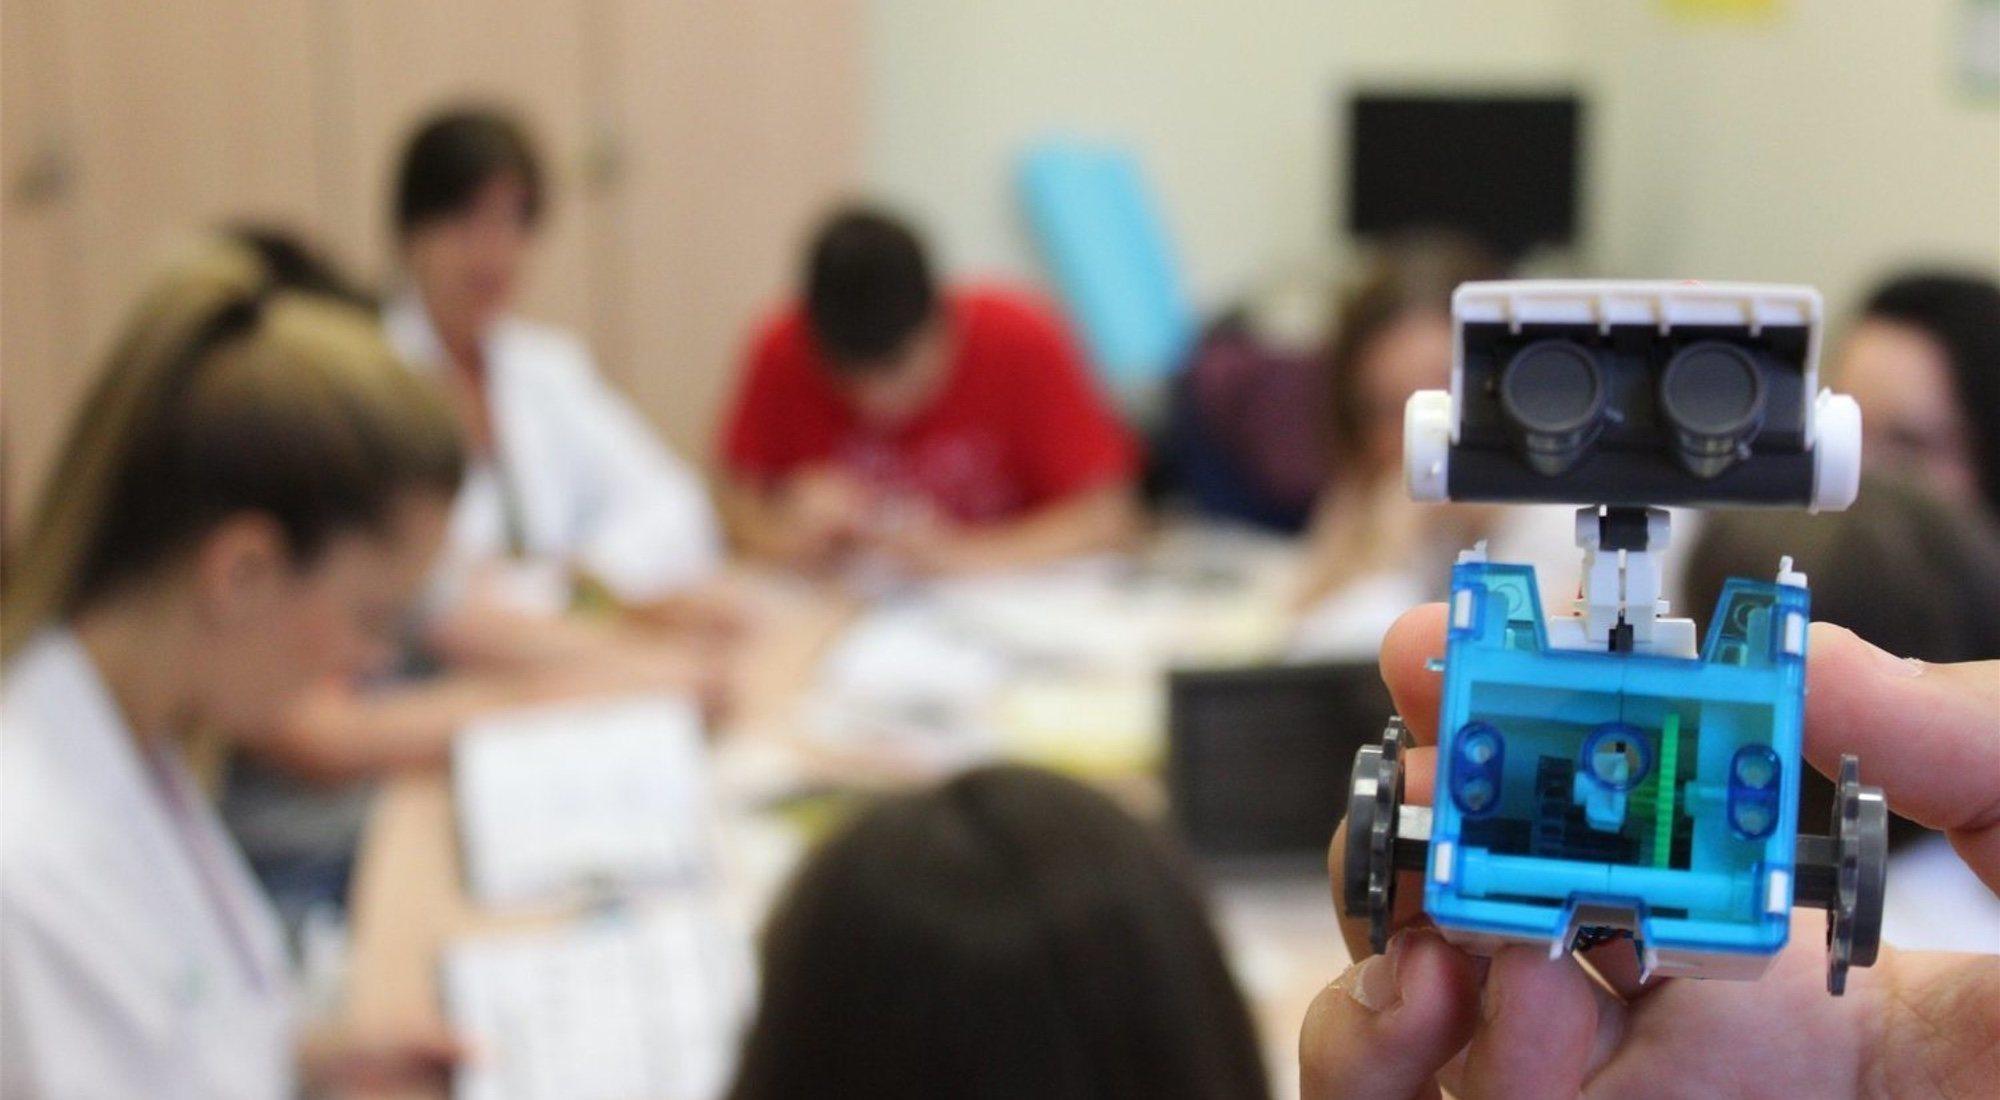 'Roboterapia': cuando tecnología y labor social se unen para mejorar la estancia en hospitales